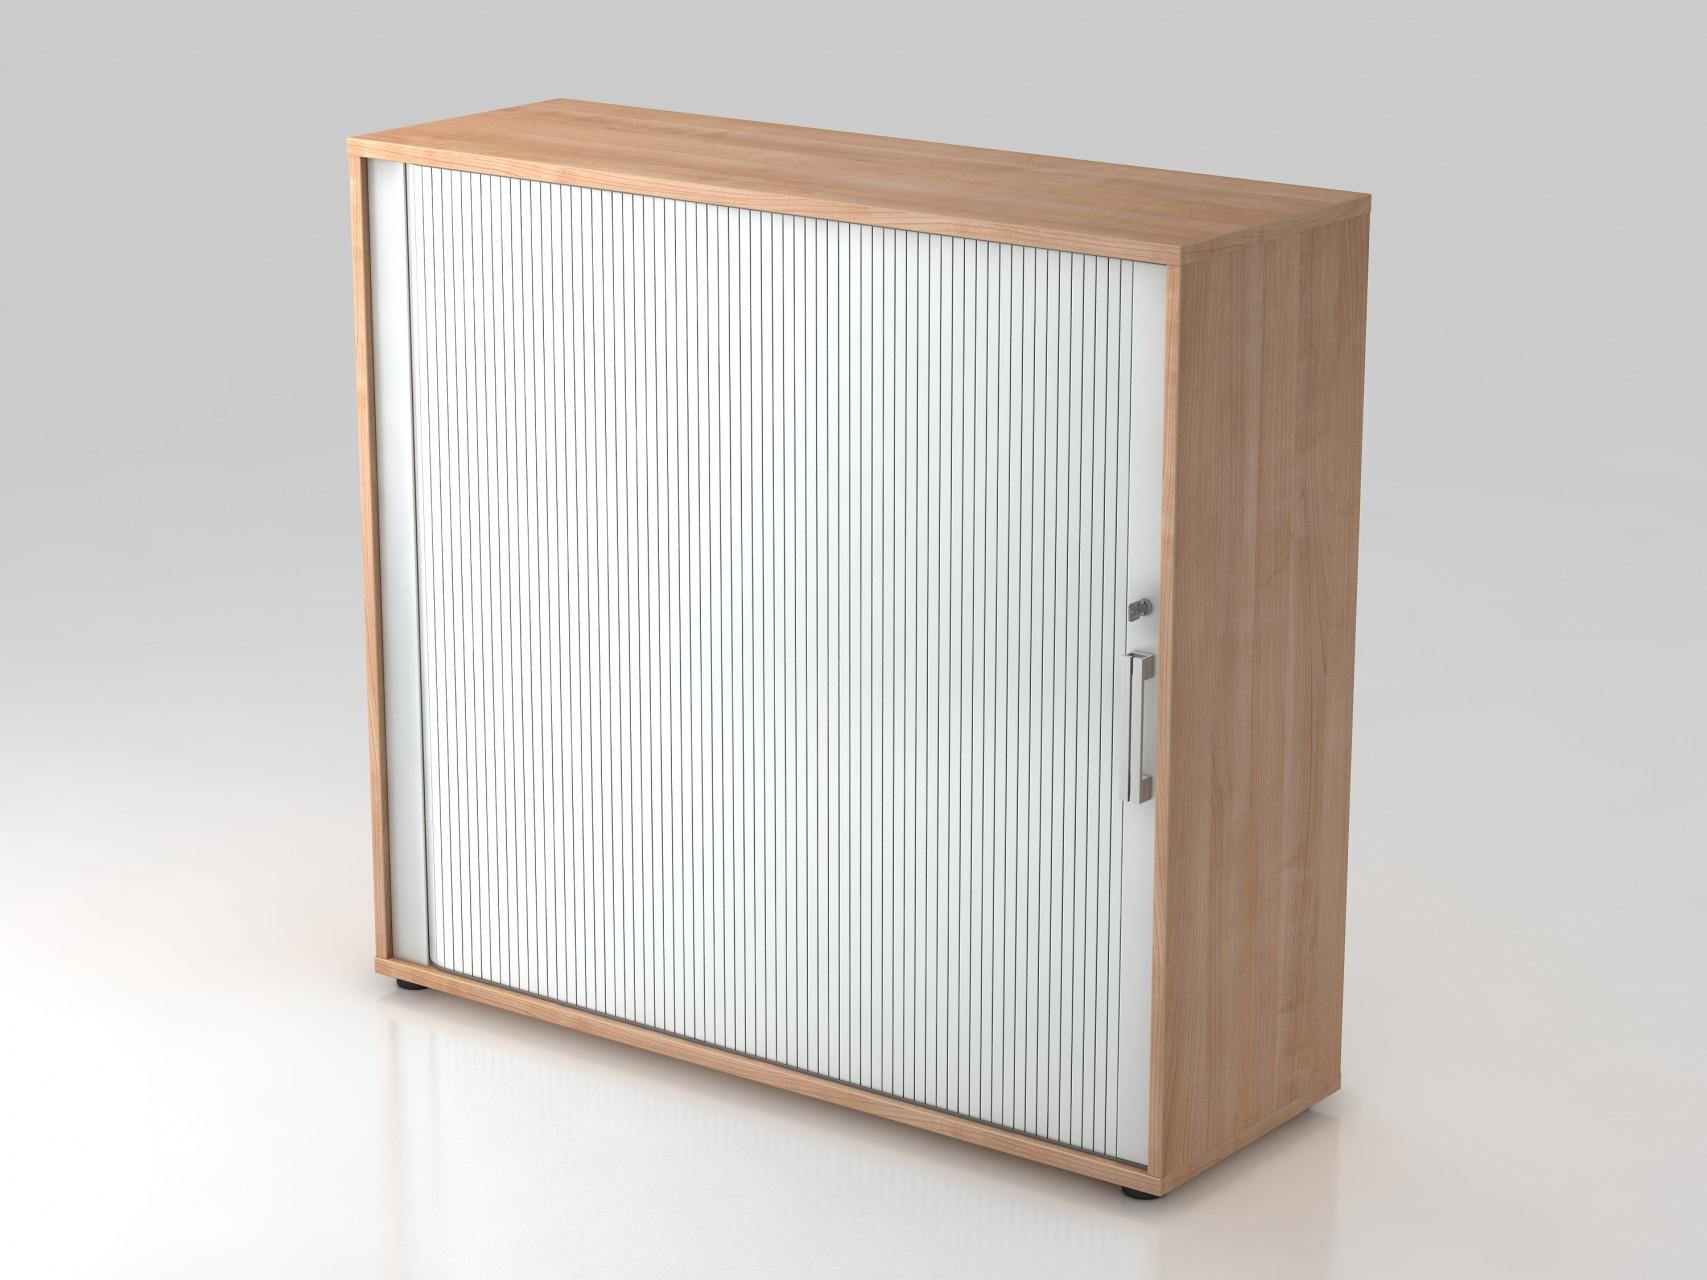 armoire rideau 1 porte h110 cm achat armoires bois 606 00. Black Bedroom Furniture Sets. Home Design Ideas